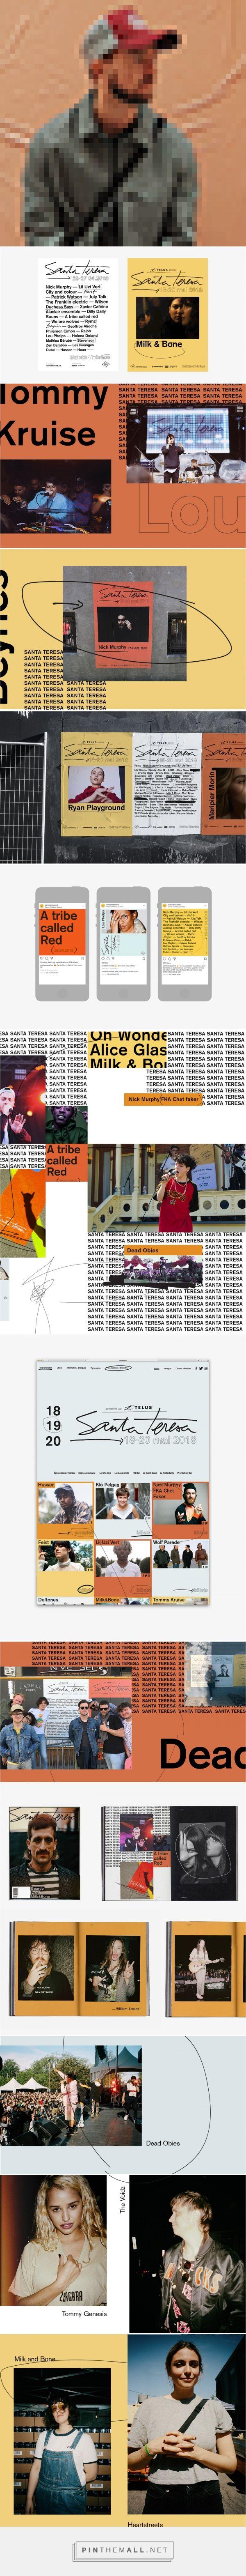 Santa Teresa Fest On Behance Created Via Https Pinthemall Net Behance Graphic Design Image